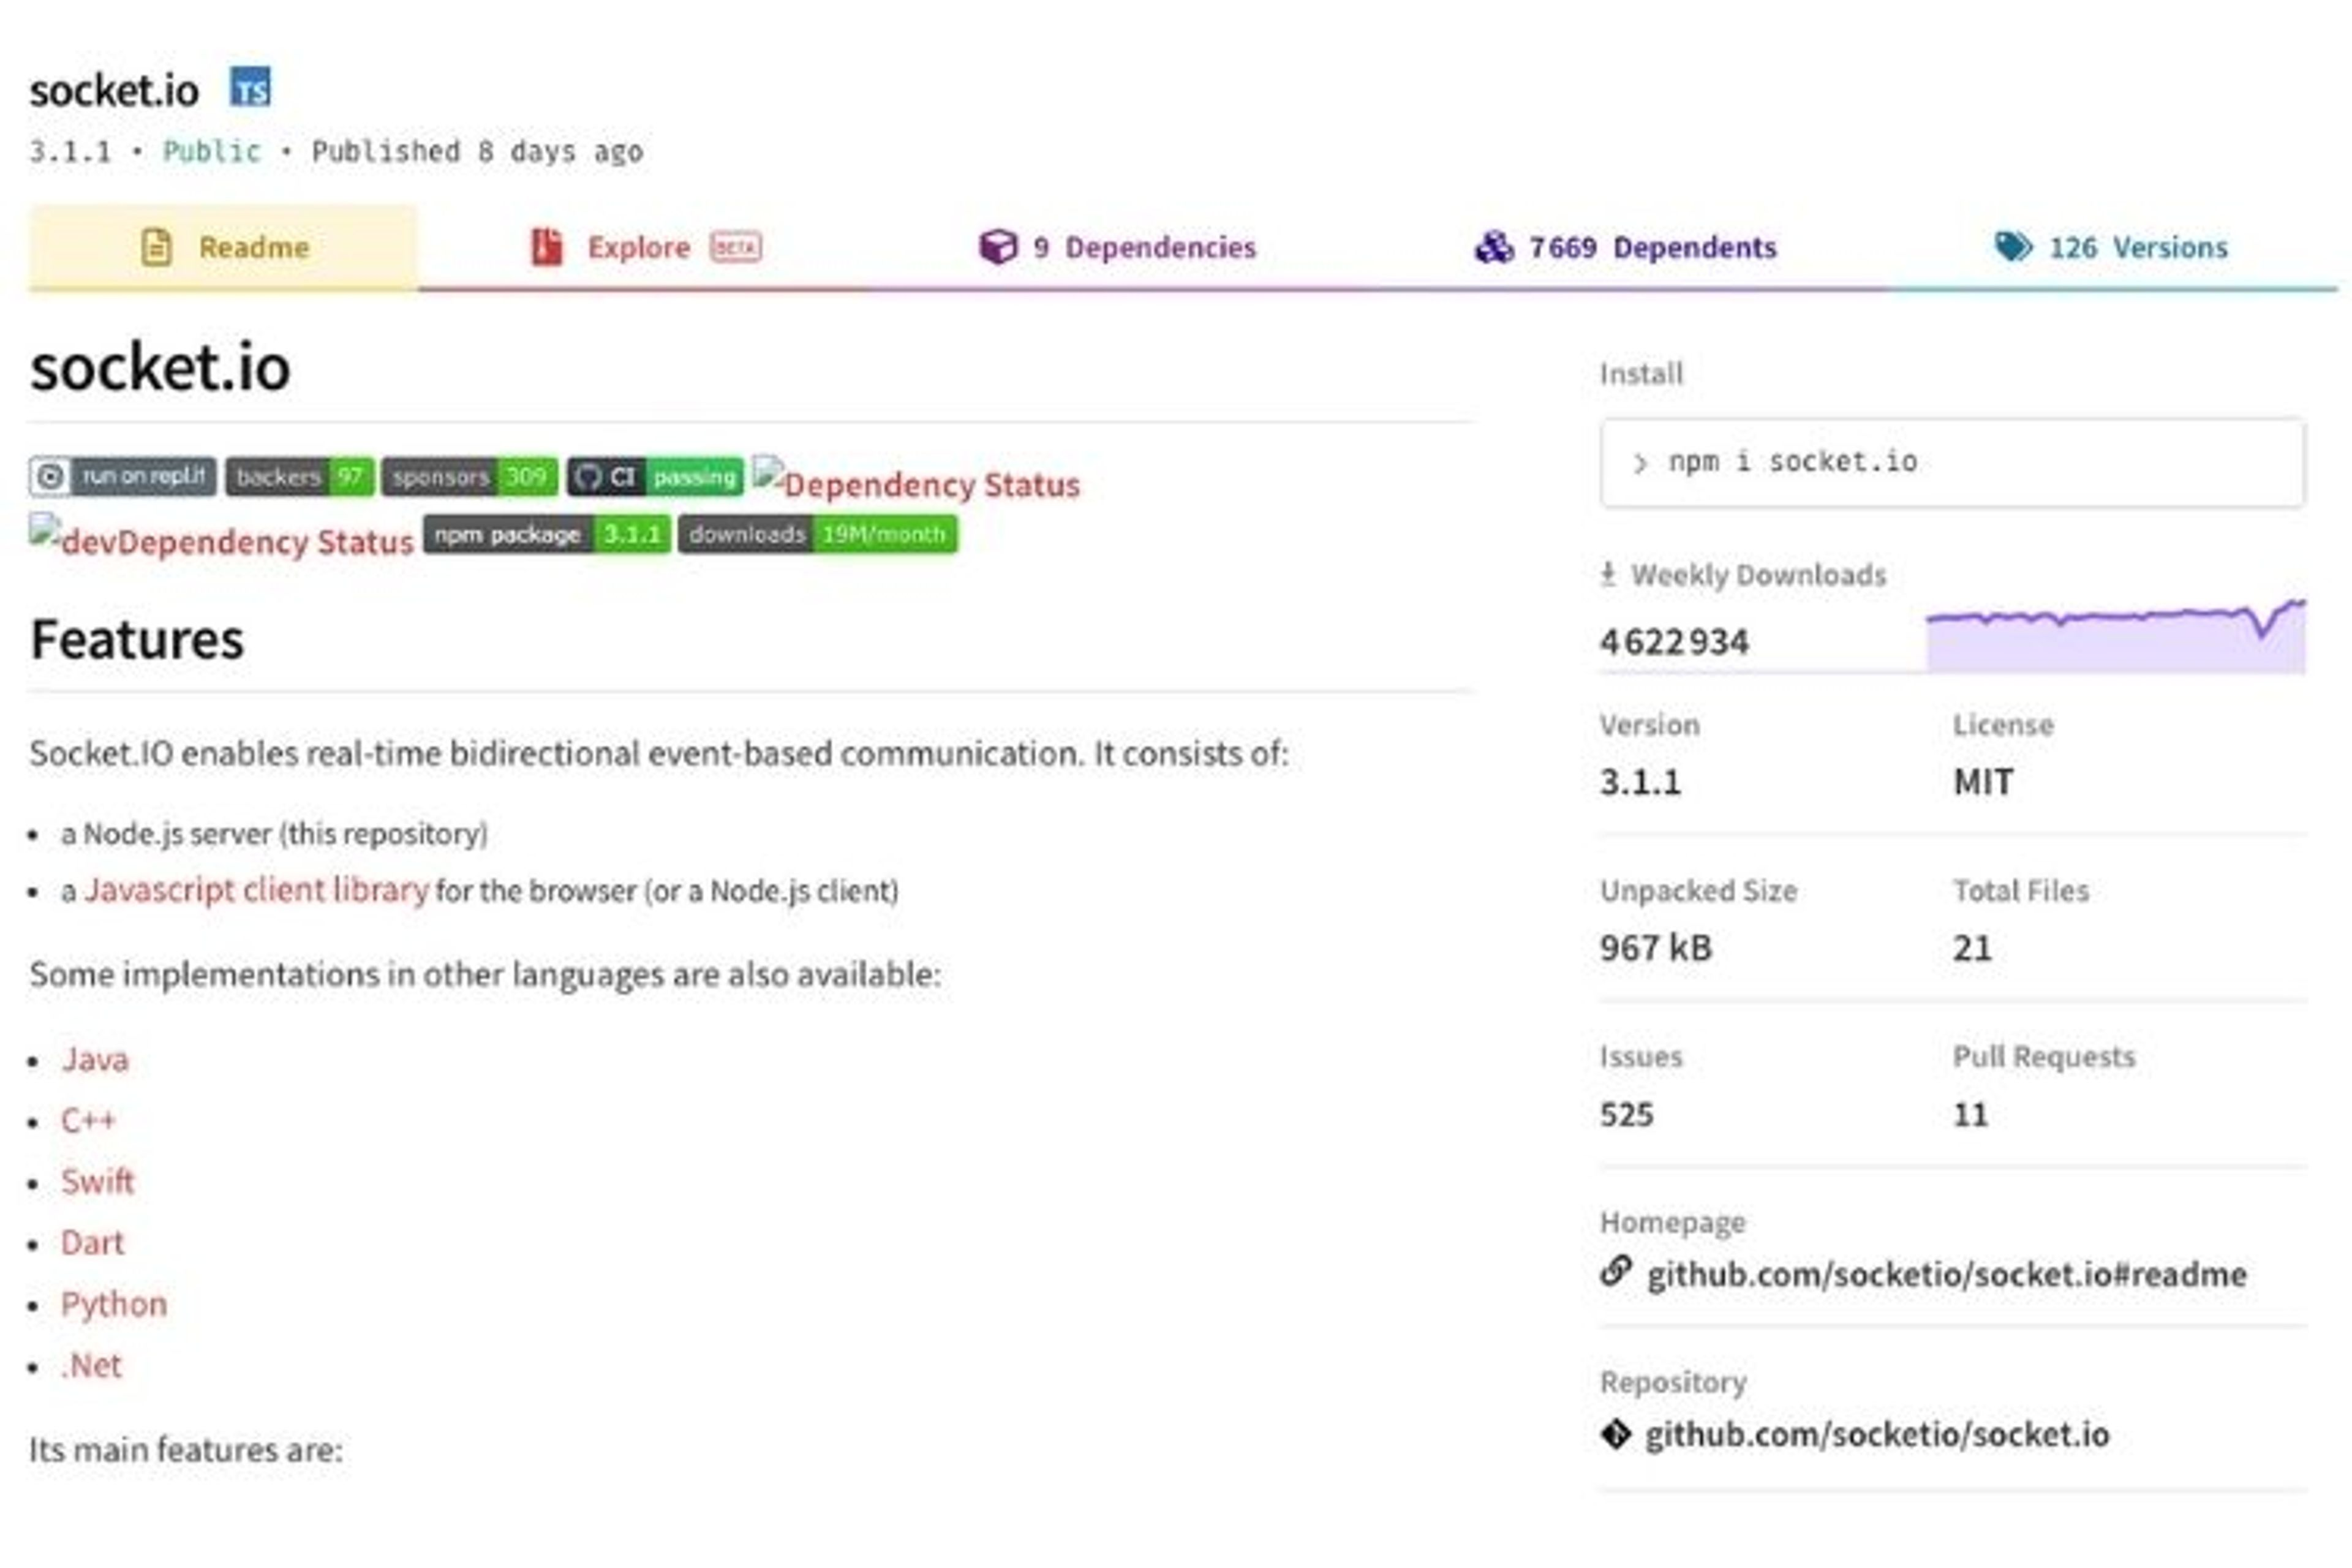 npm affiche plus de 3.4 millions de téléchargements par semaine pour socket.io